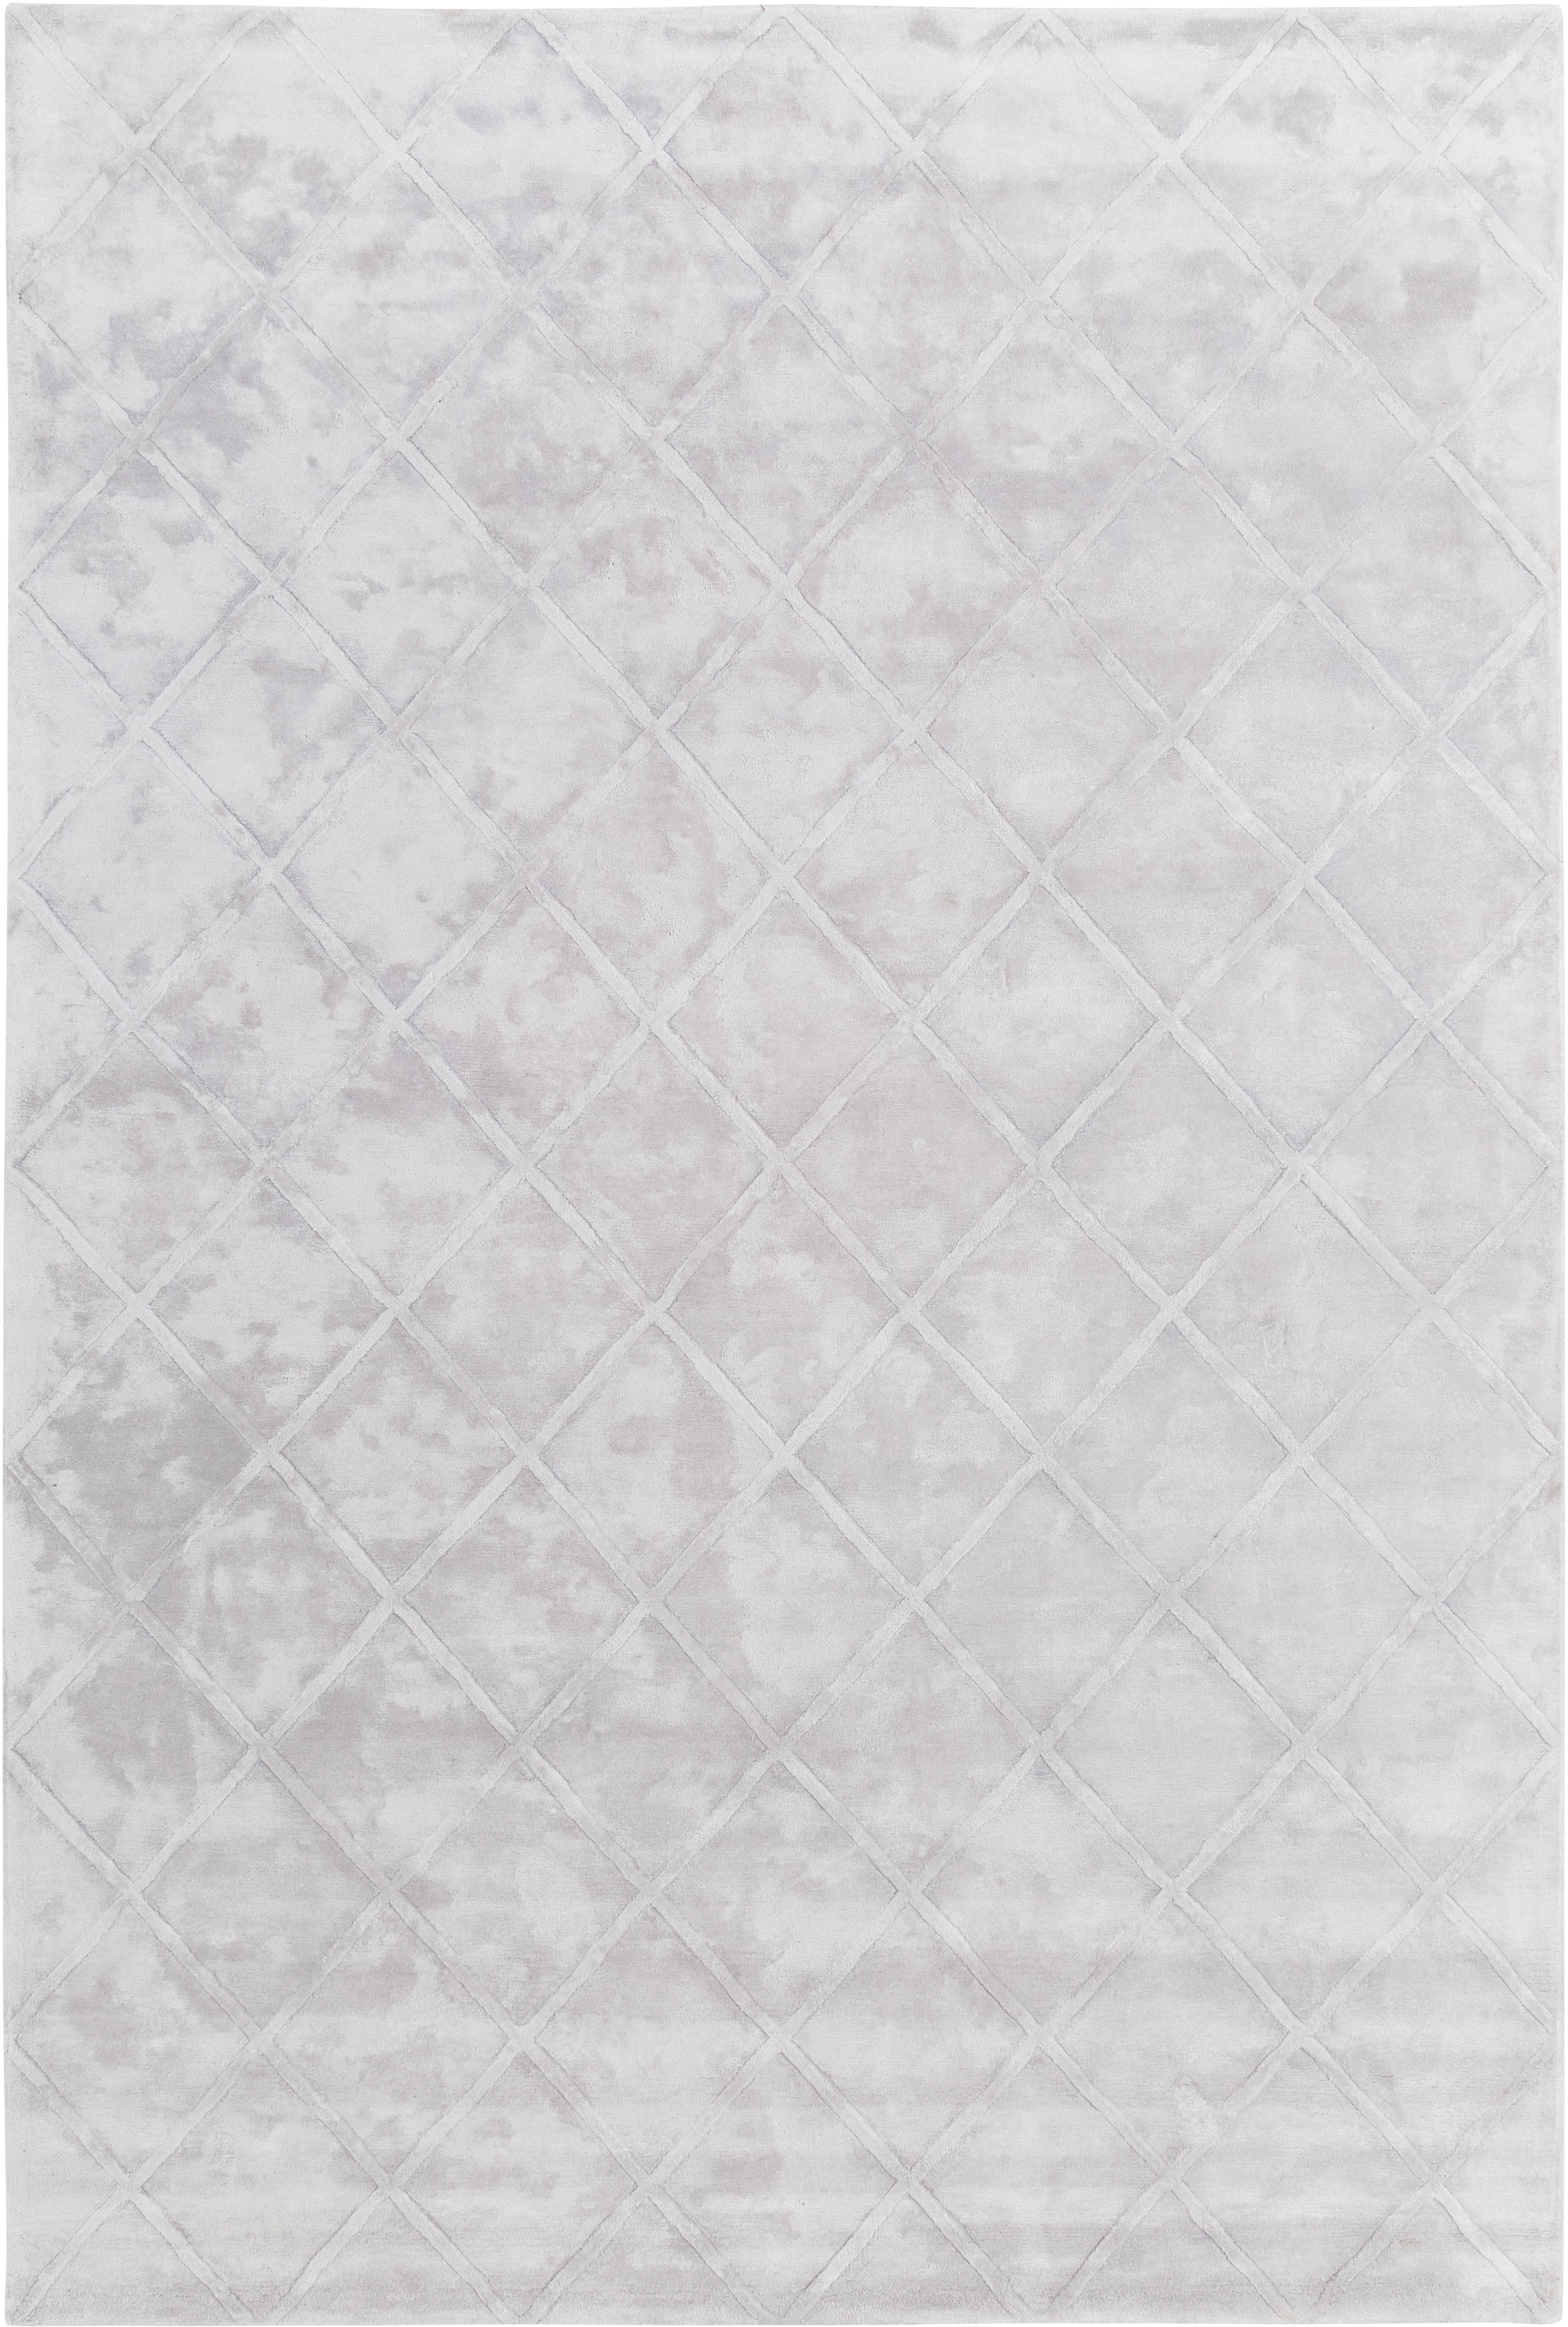 Handgetufteter Viskoseteppich Shiny in Silbergrau mit Rautenmuster, Flor: 100% Viskose, Helles Silbergrau, B 200 x L 300 cm (Größe L)